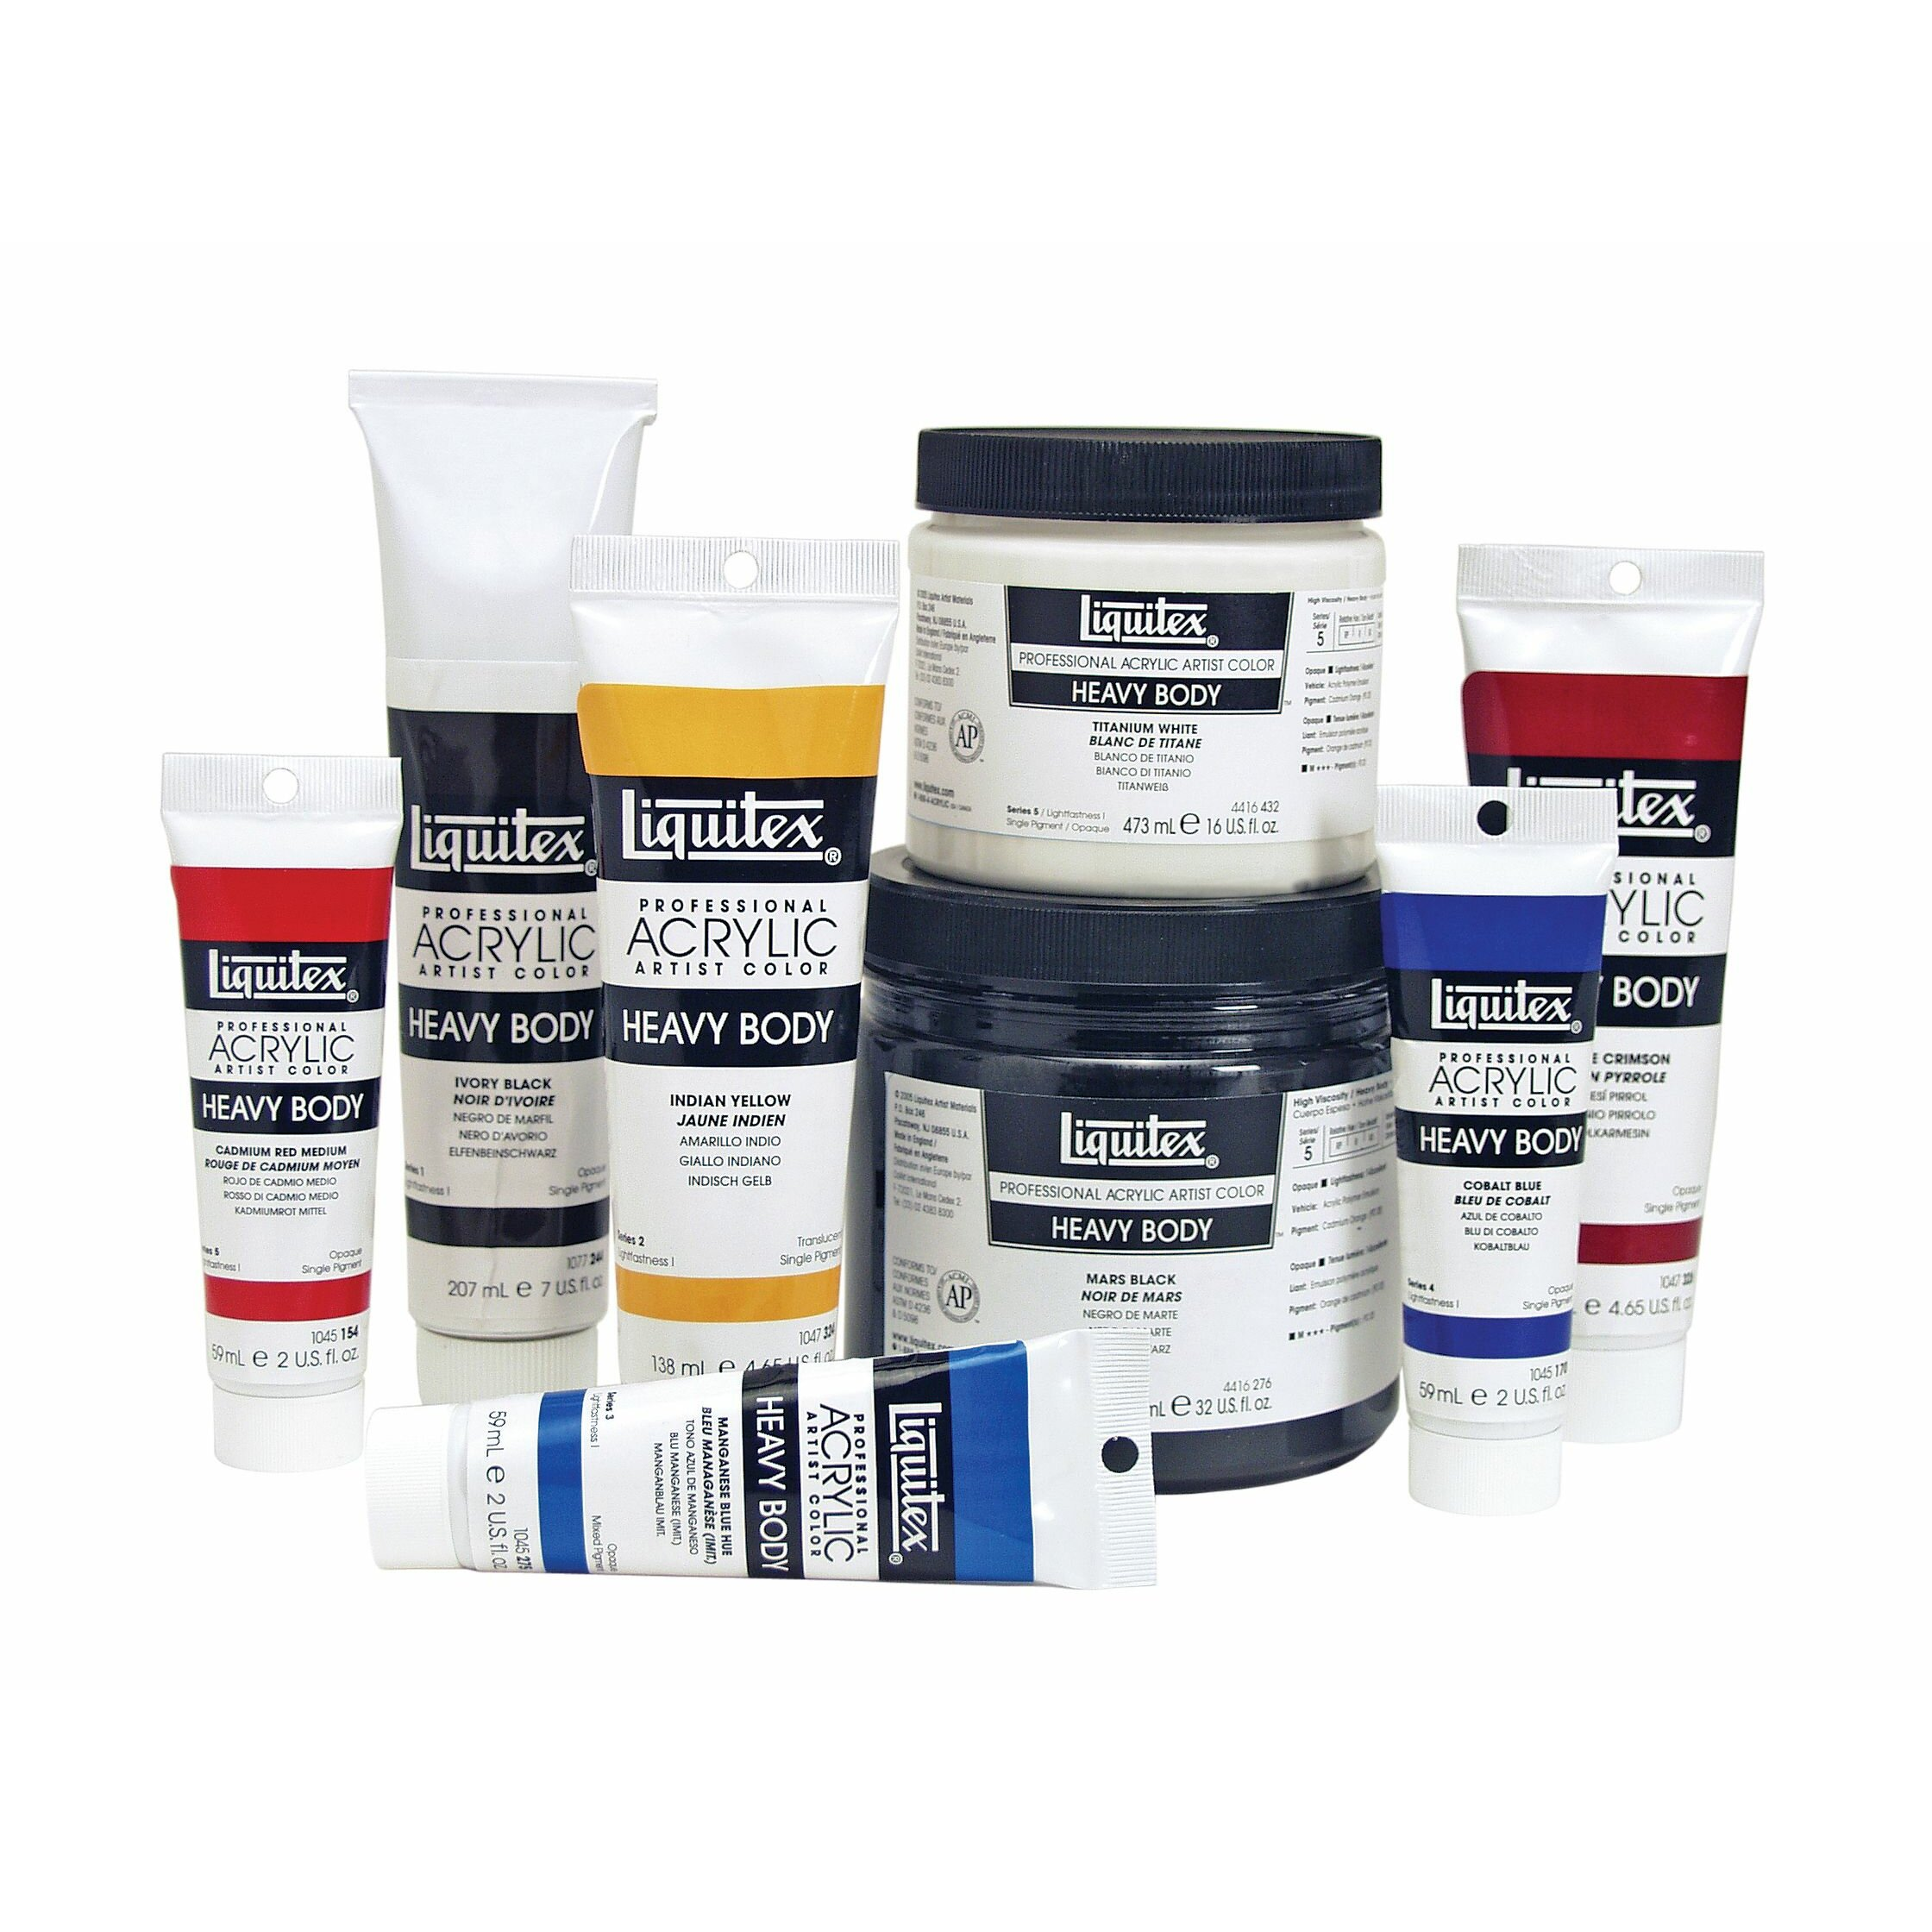 Liquitex Heavy Body Acrylic Paint Set